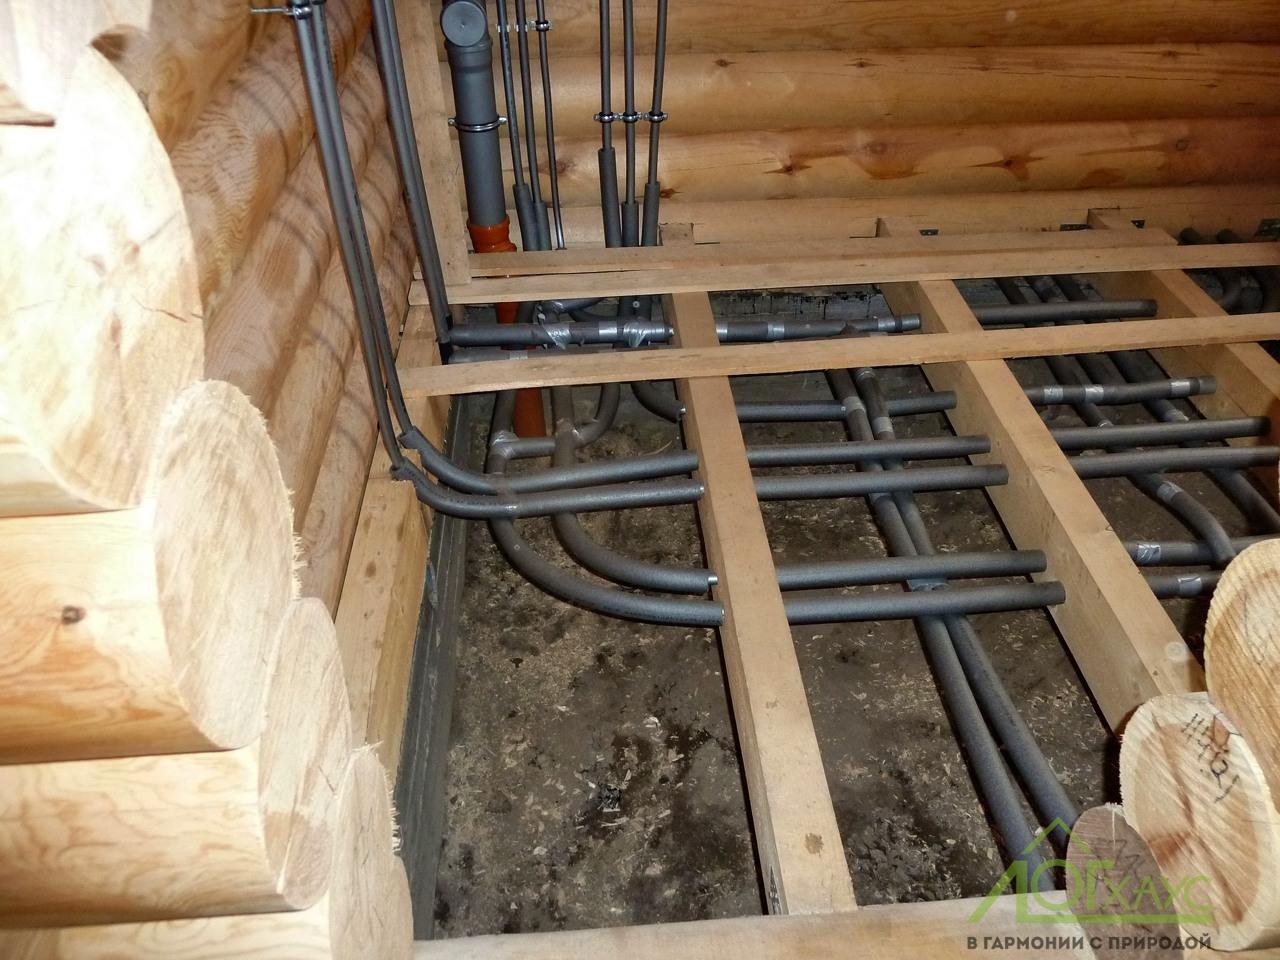 Монтаж труб отопления, водоснабжение и канализации в полу деревянного дома